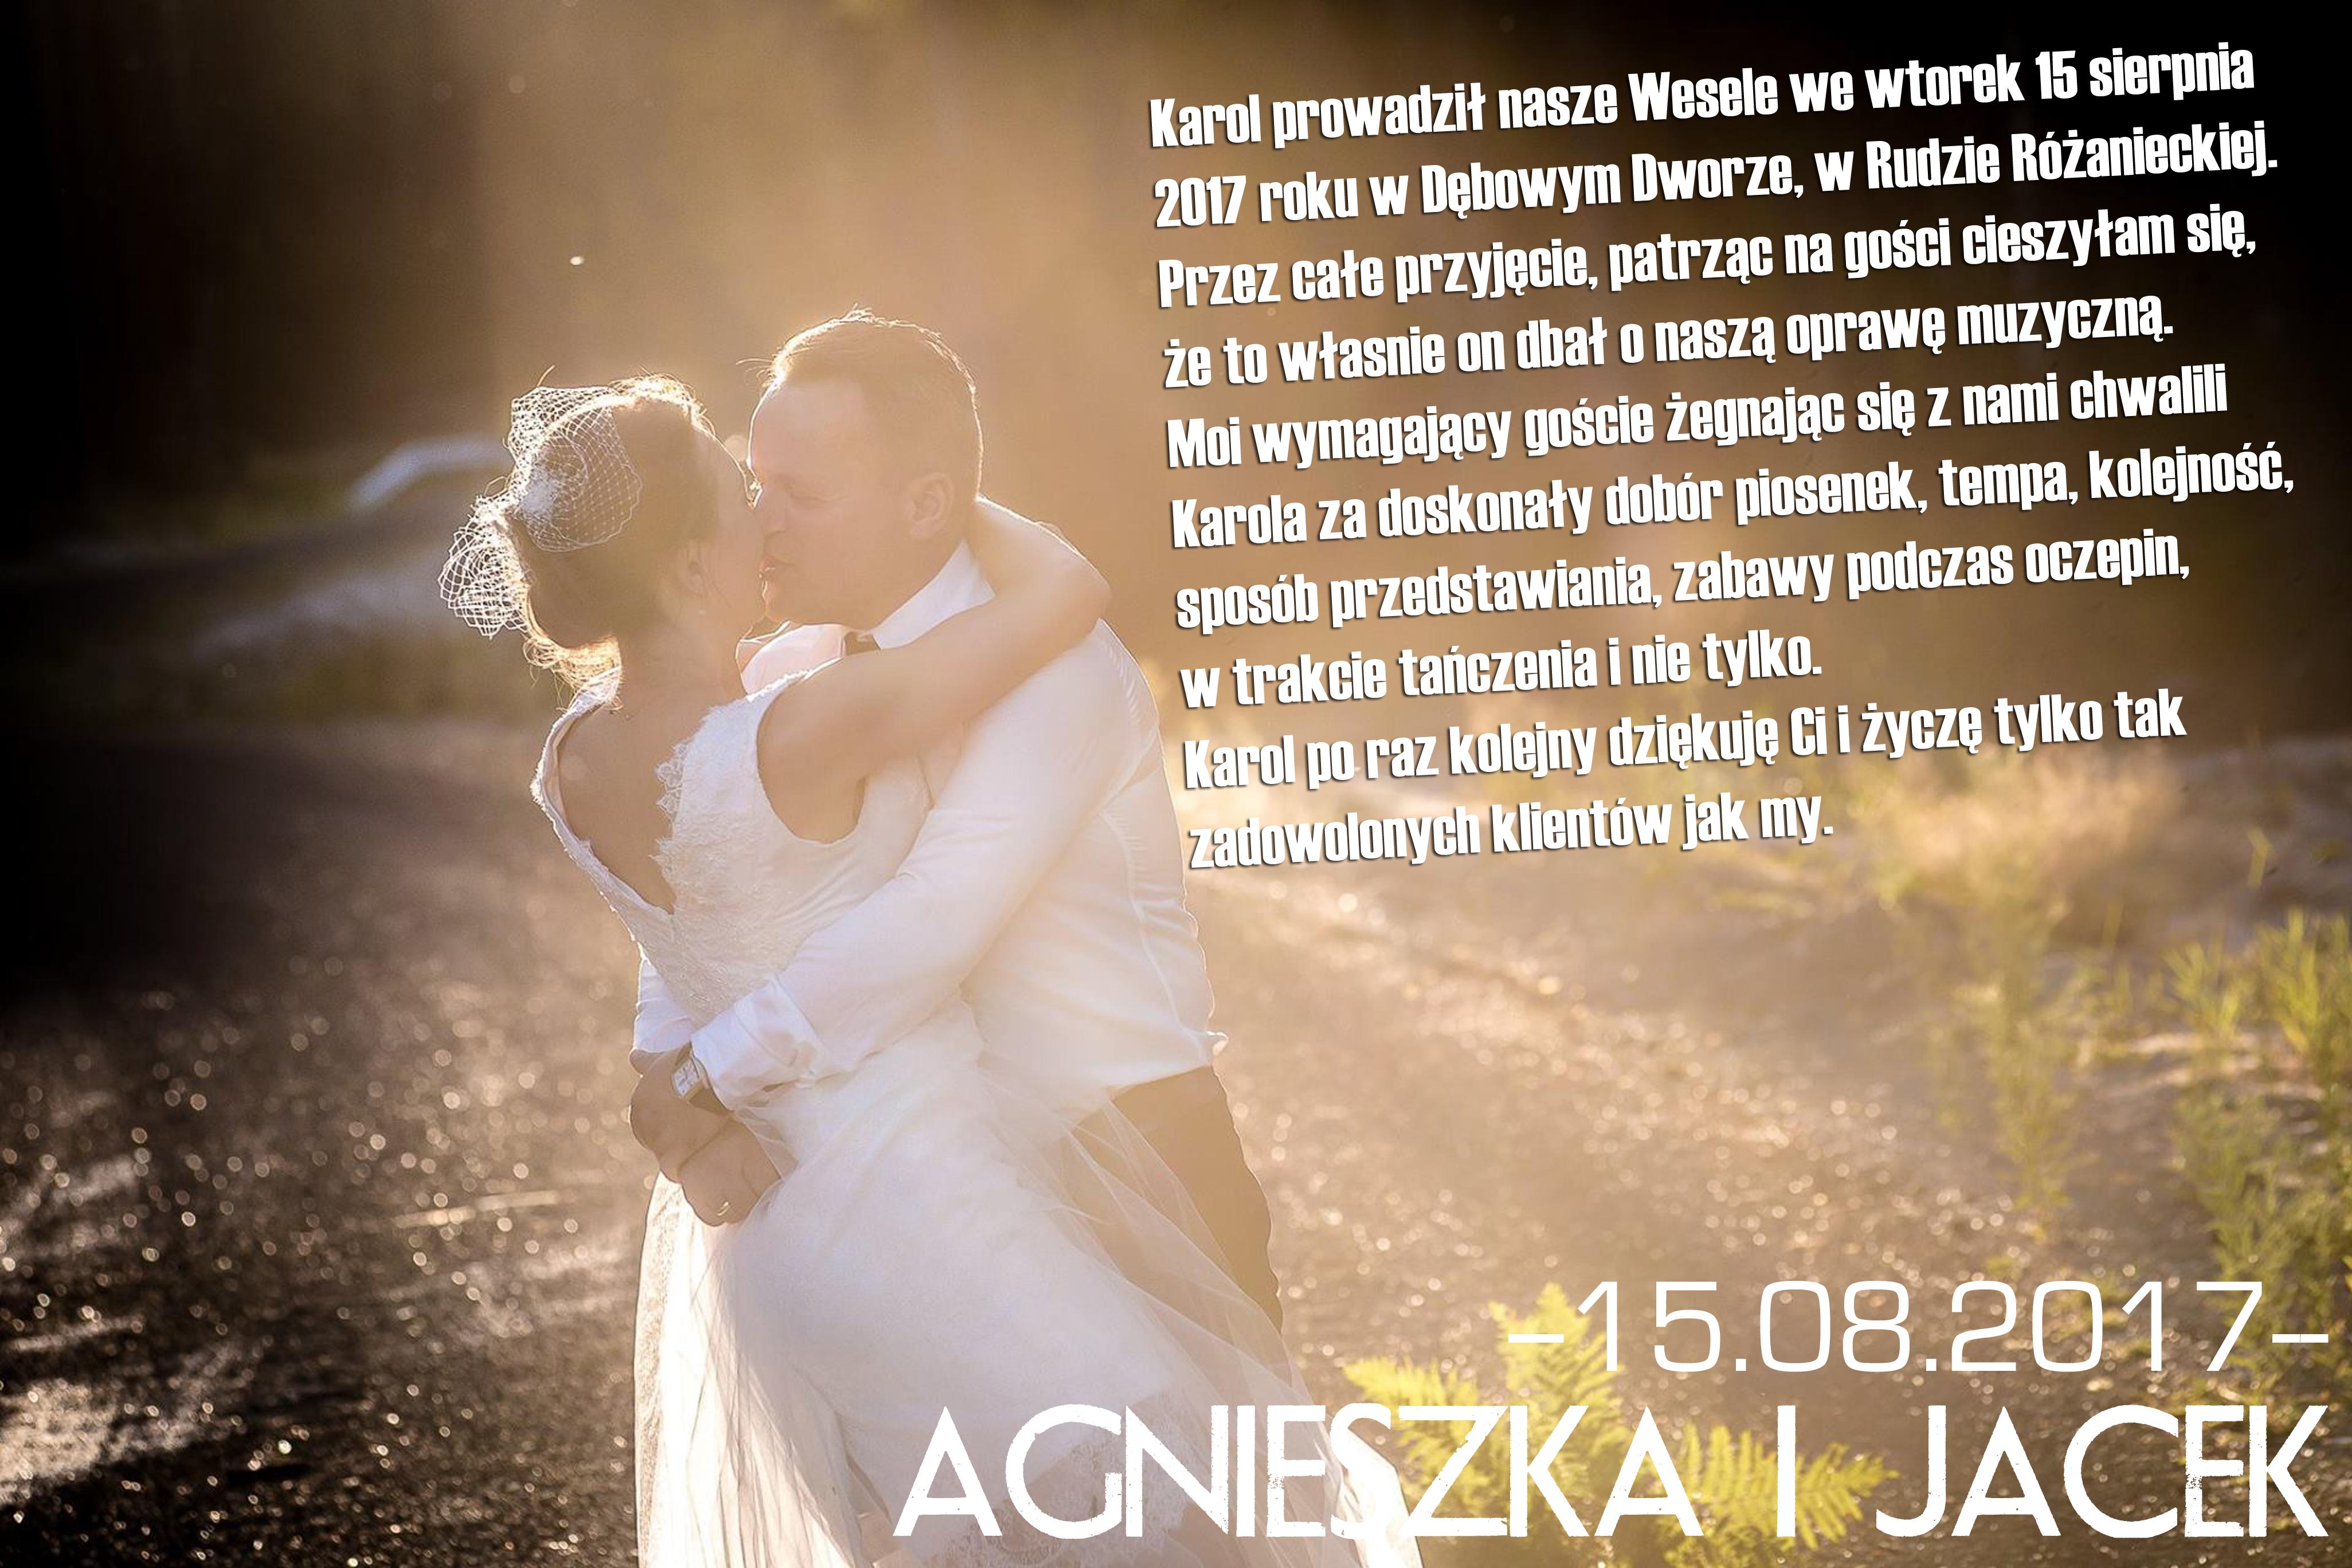 AGNIESZKA & JACEK